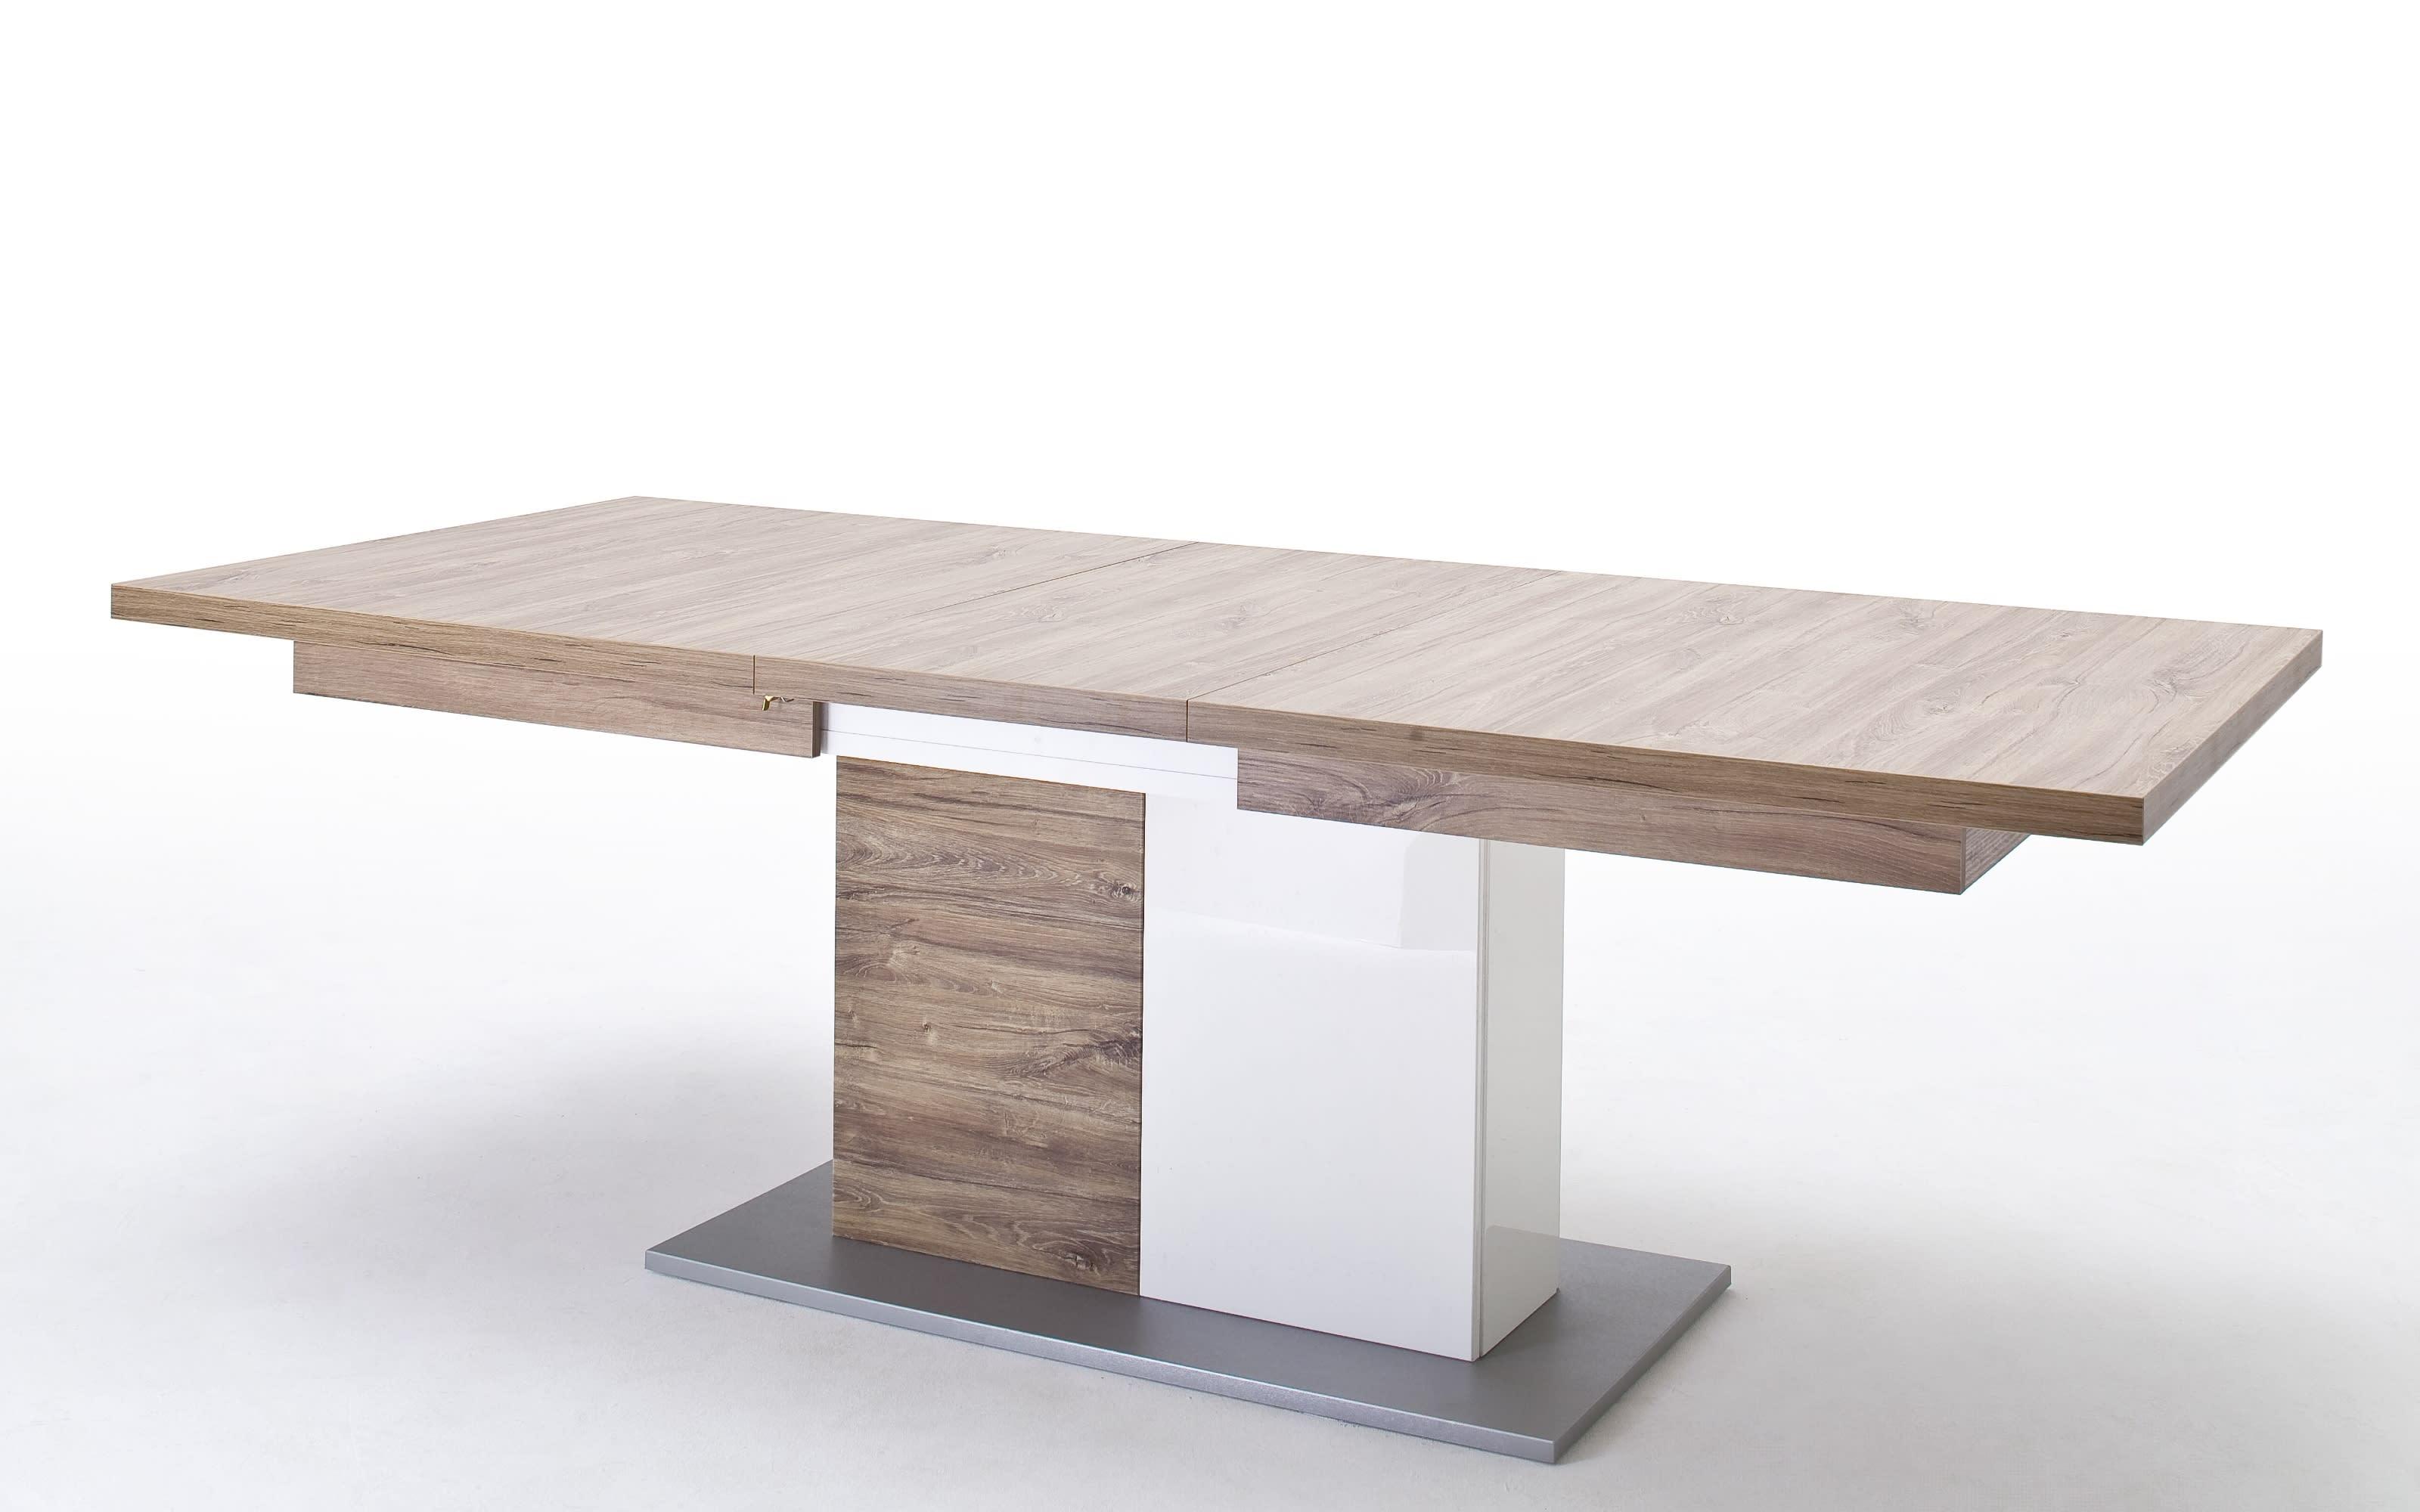 Esstisch Luzern in Sterling Oak-Nachbildung, mit ausziehbarer Tischplatte